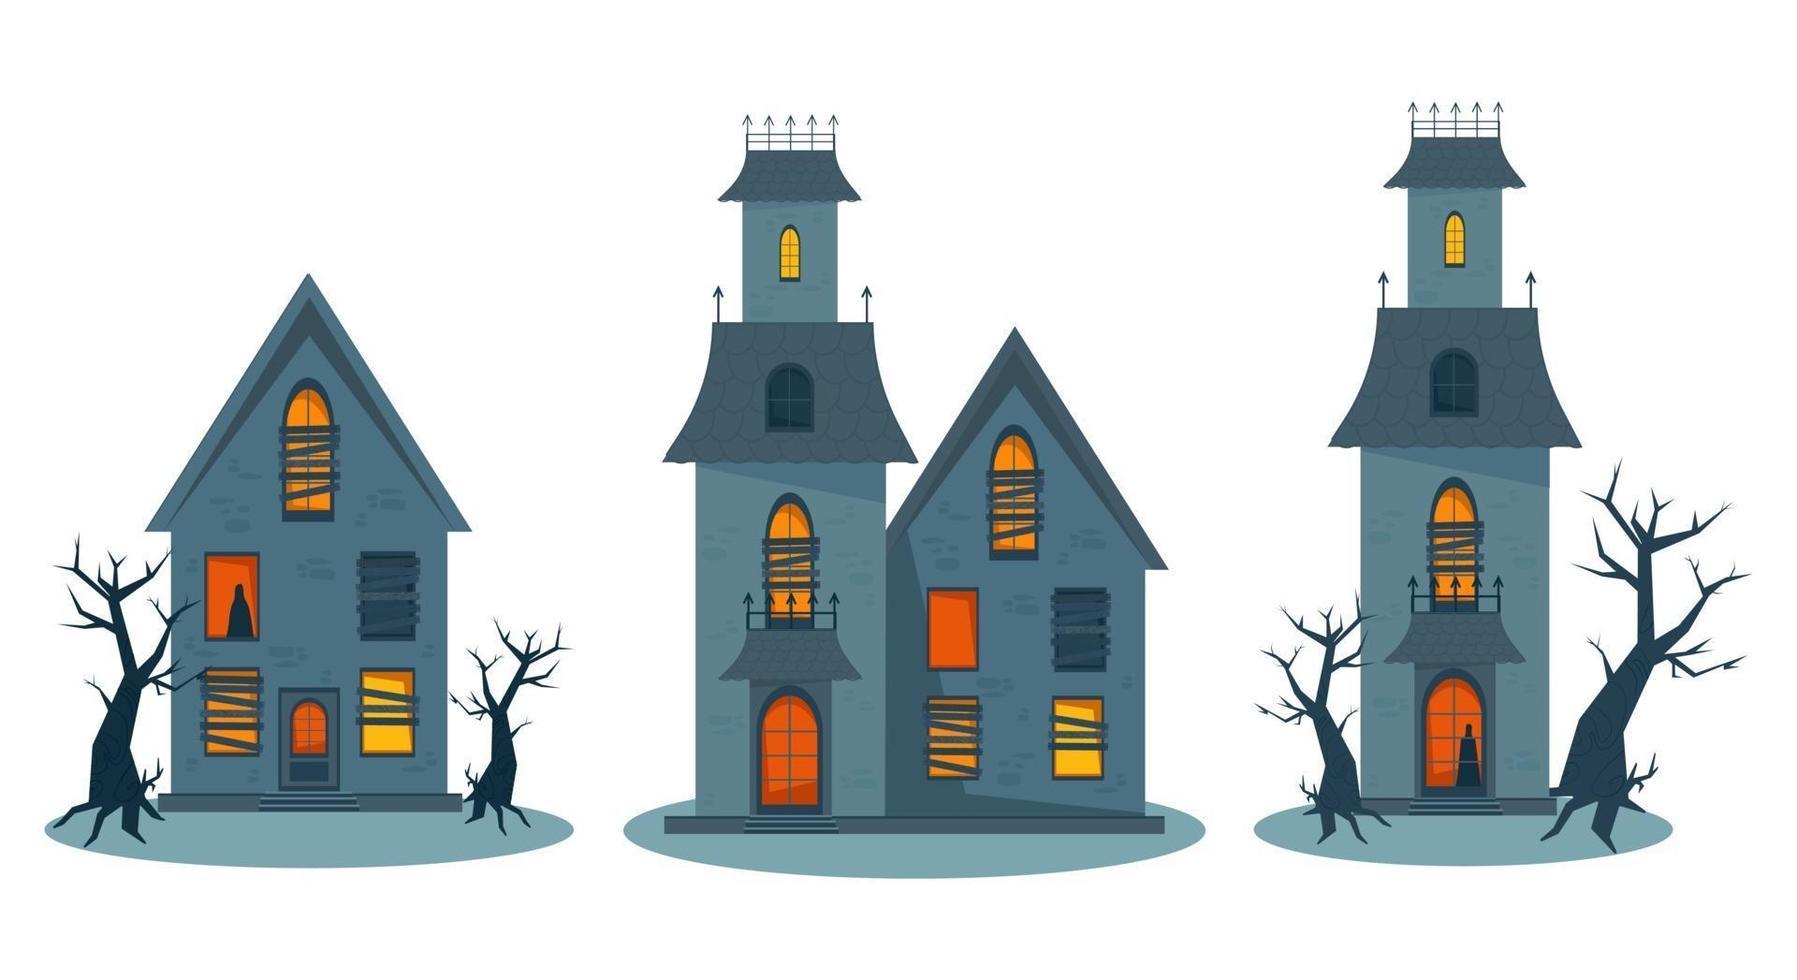 casa assombrada assustadora, conjunto de casa de terror de halloween. ilustração vetorial vetor